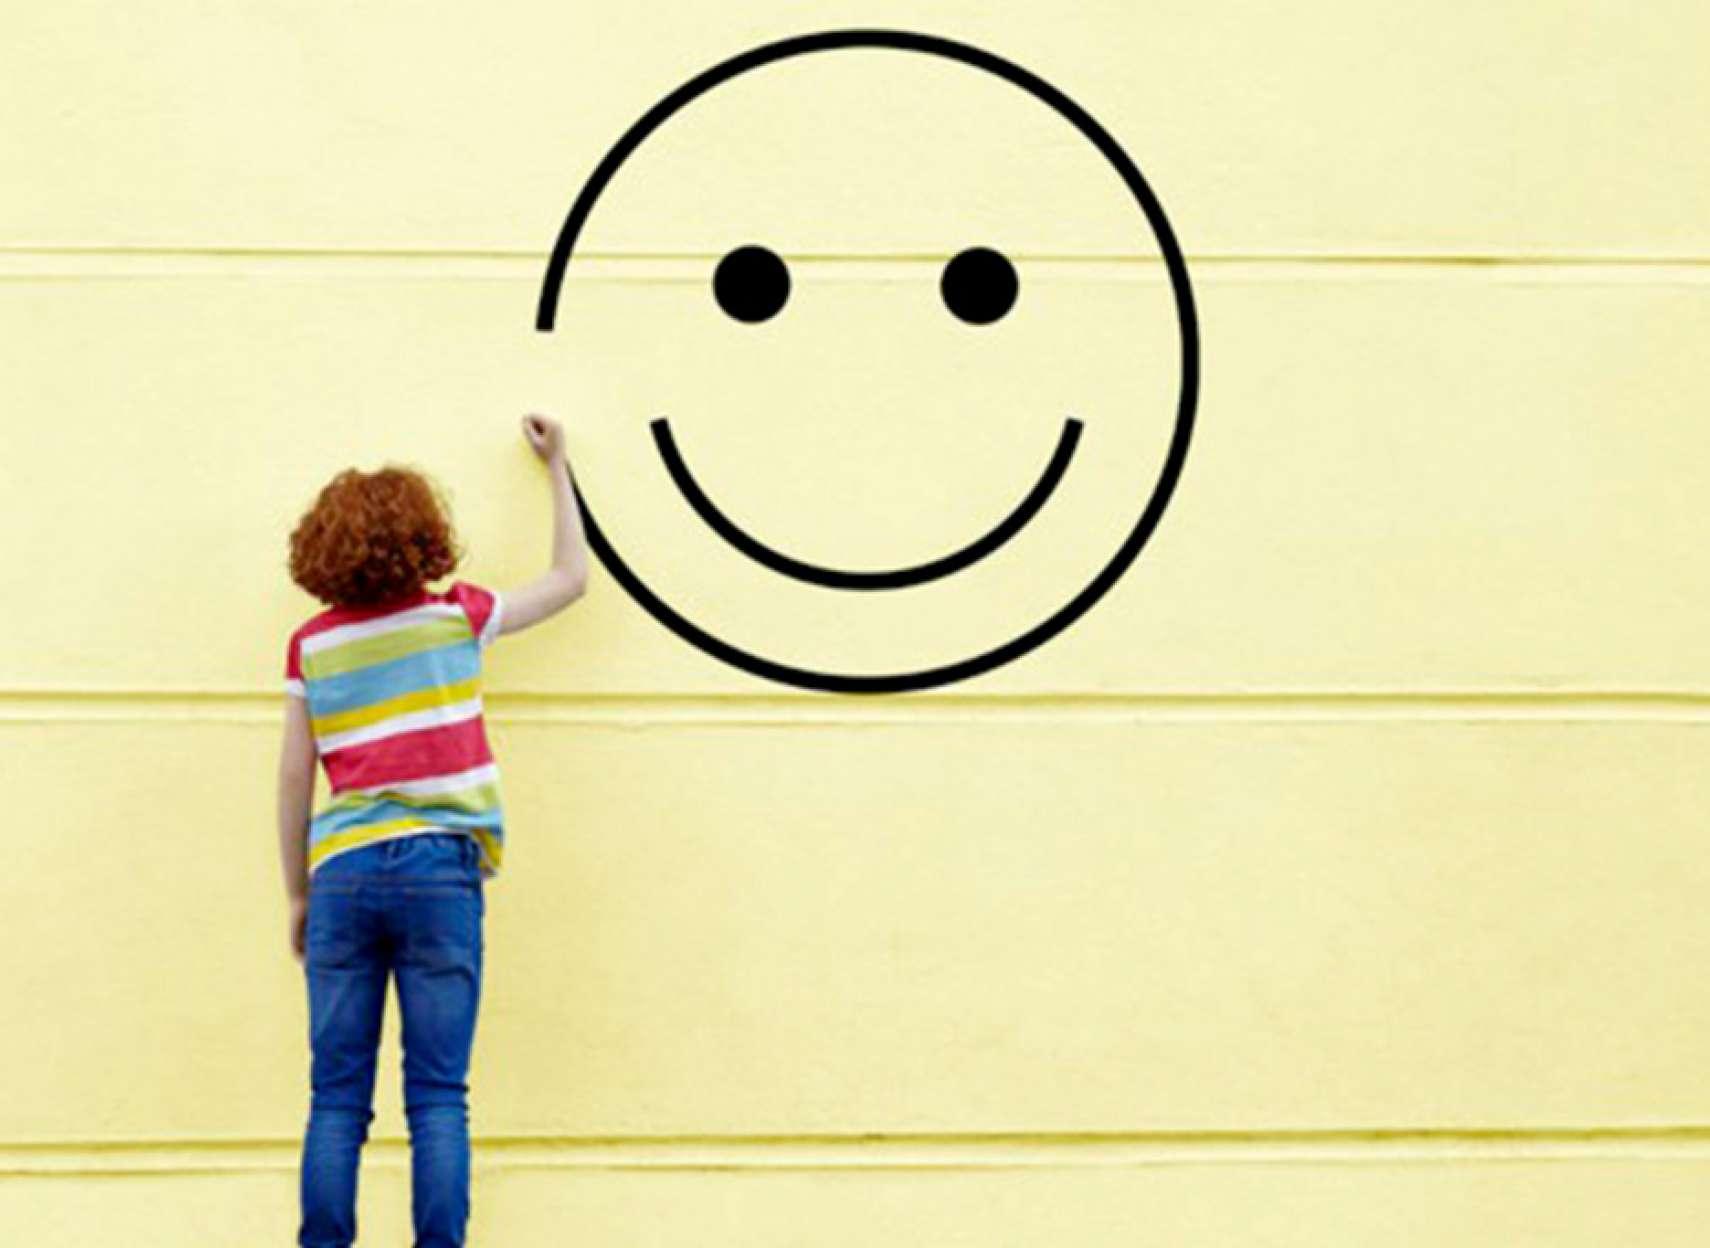 روانشناسی-نیک-خواه-چرا-عزت-نفس-از-اعتماد-به-نفس-مهمتر-است